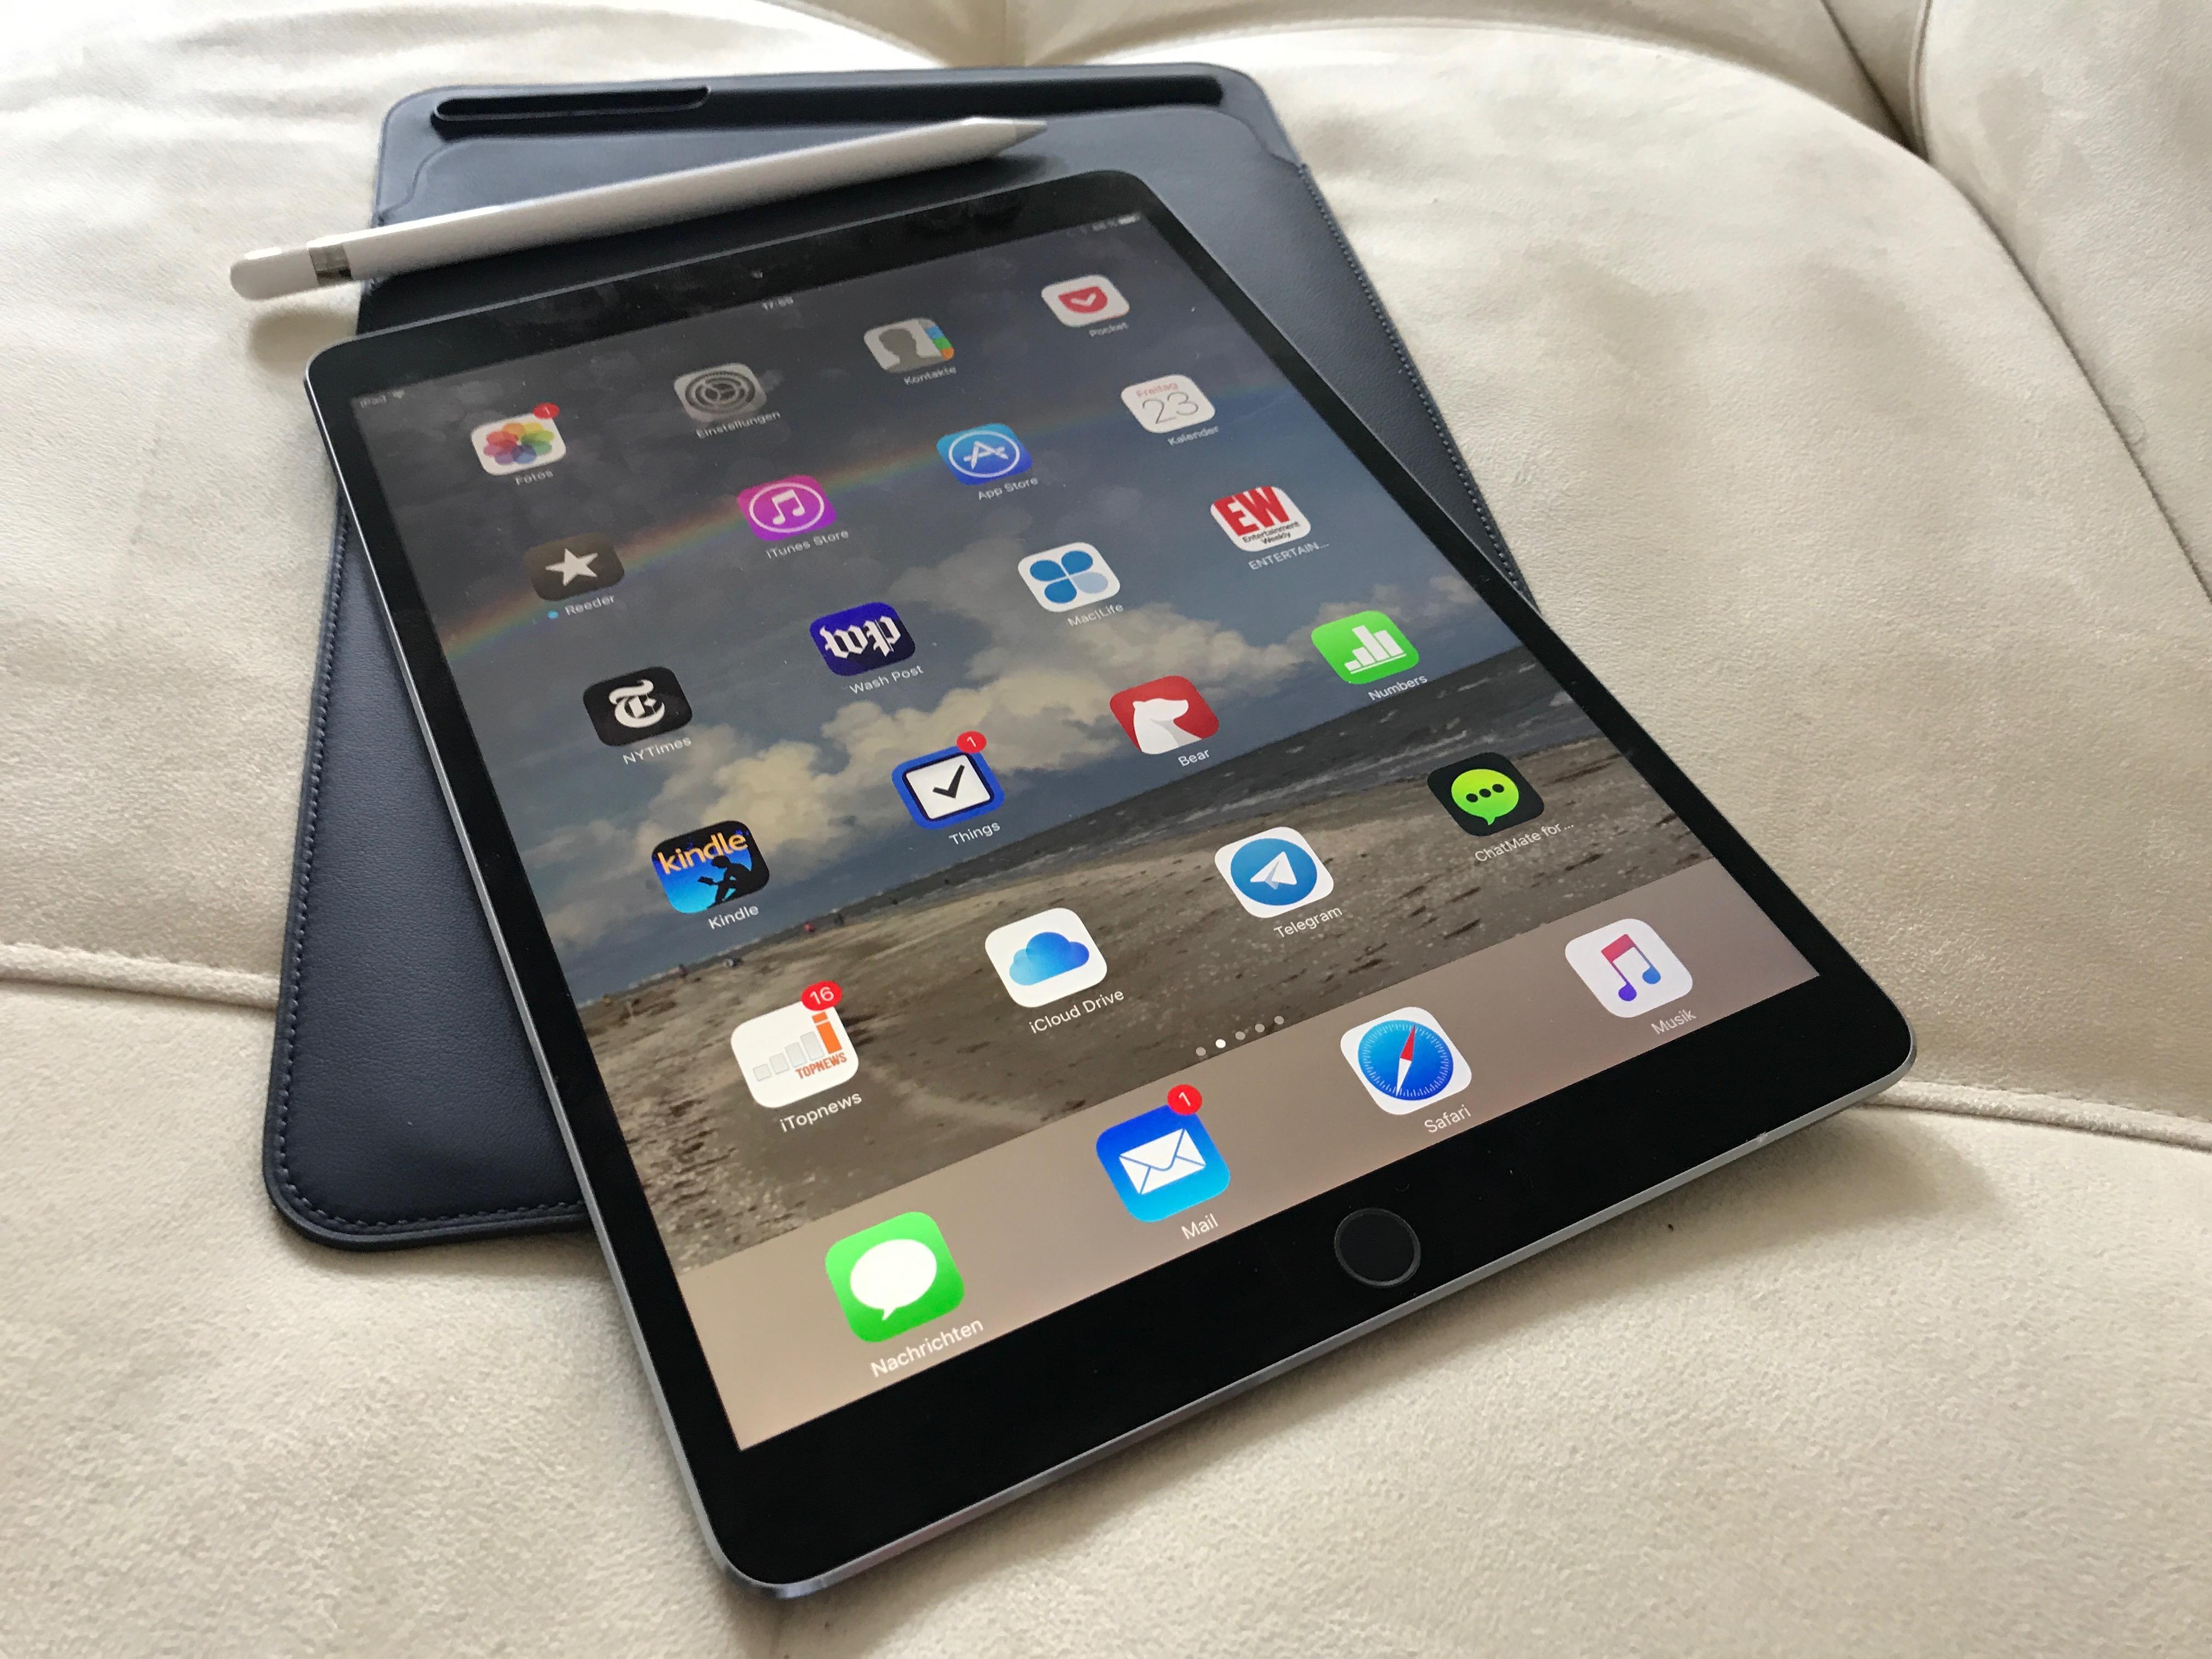 Sondern Mit Meinem IPhone 7 Plus Wers Mag Sein Tablet Als Knipse Zu Nehmen Wird Technisch Ordentlich Bedient Meine Sache Ist Es Nicht